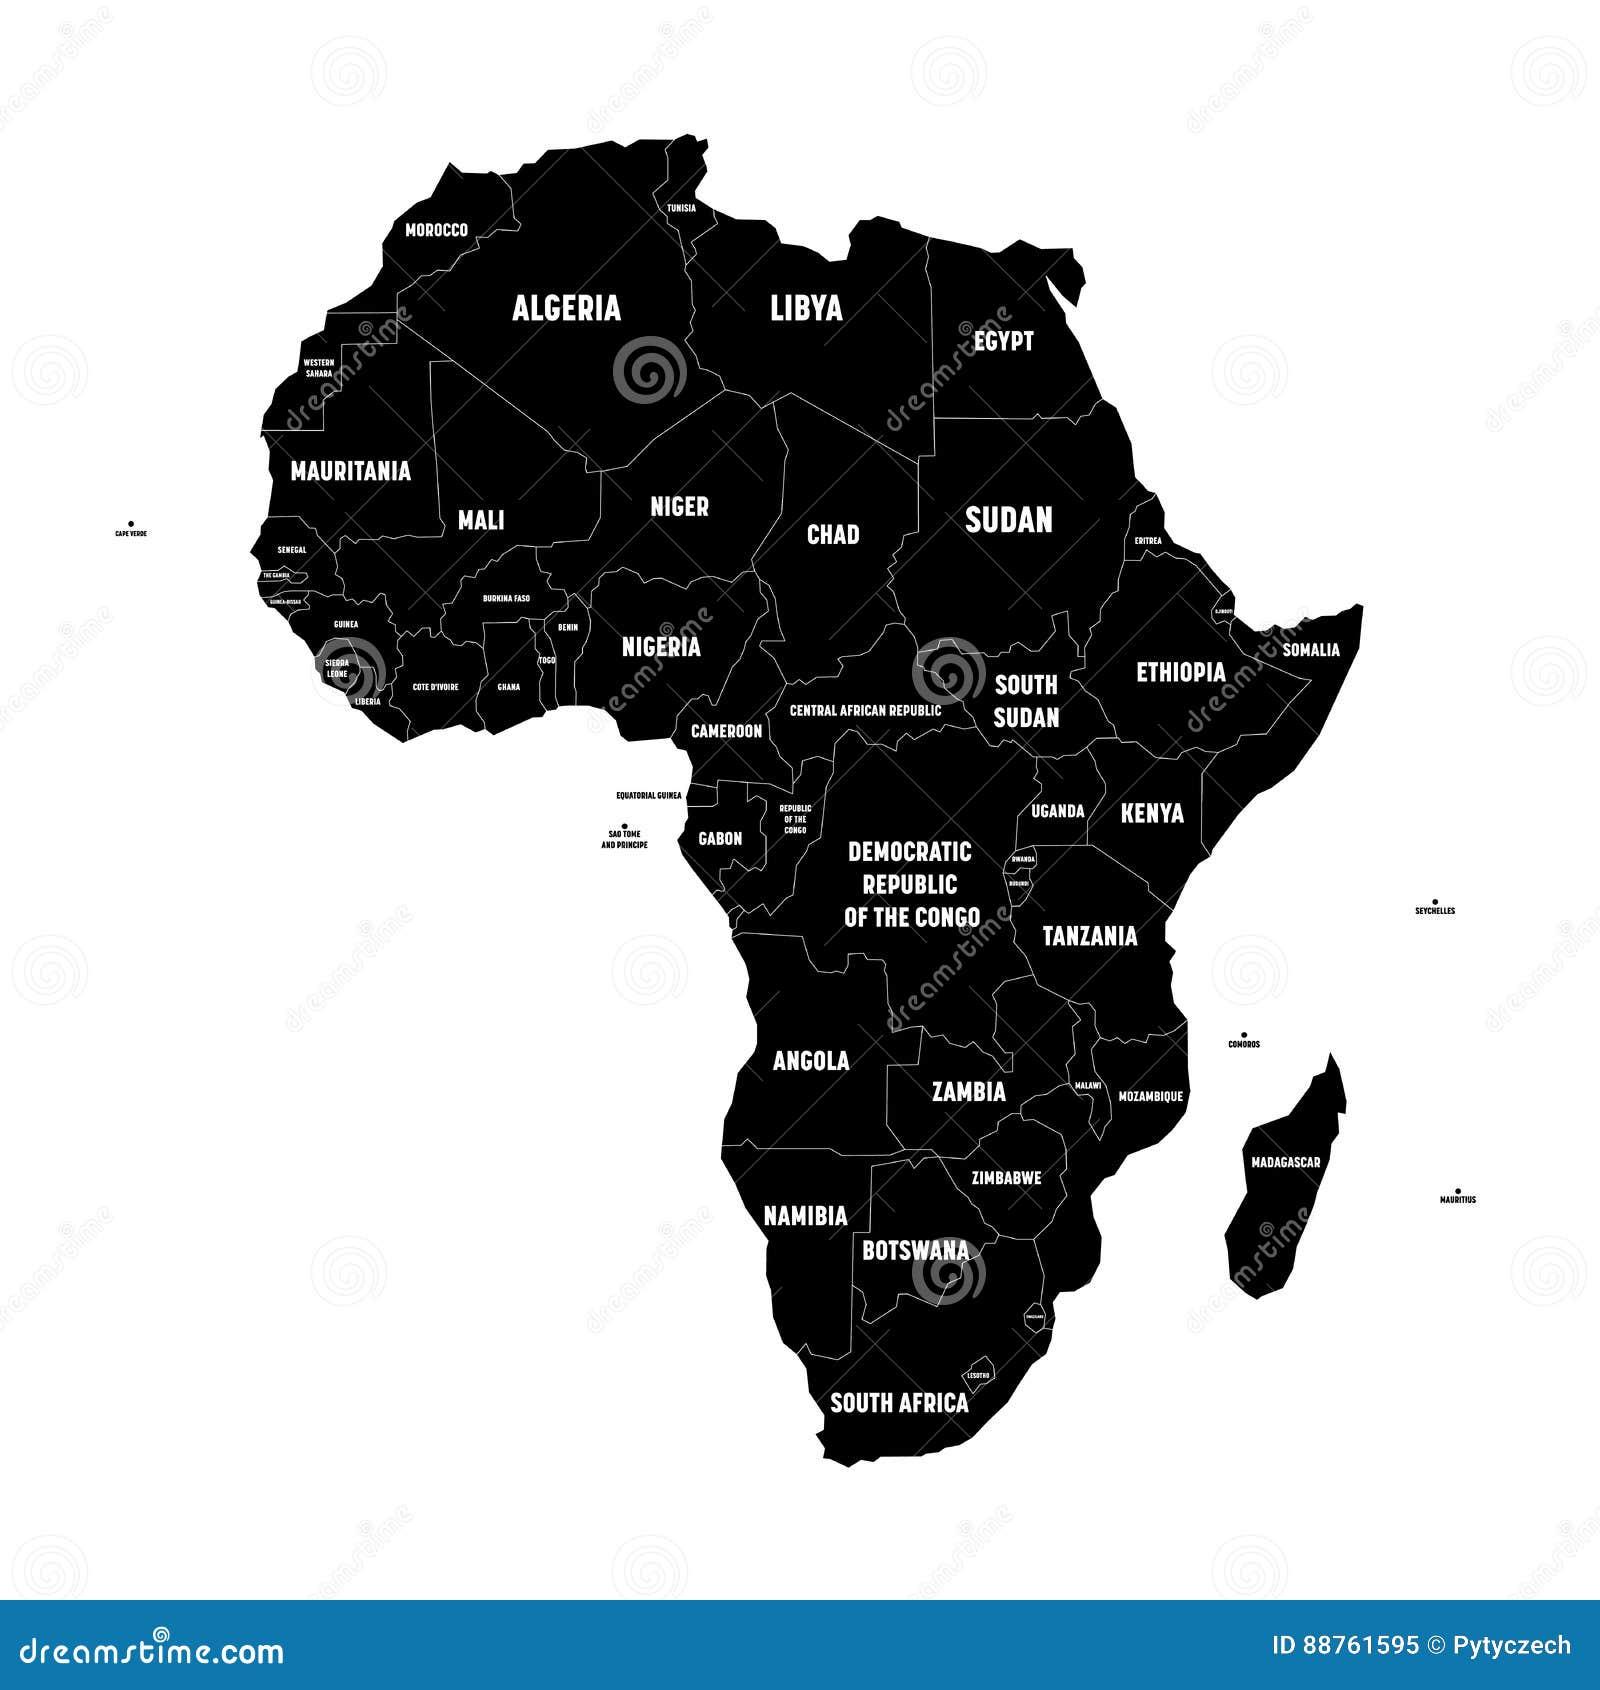 Cartina Dell Africa In Bianco E Nero.Mappa Semplice Del Nero Piano Del Continente Dell Africa Con Le Frontiere E Le Etichette Di Nome Di Paese Su Fondo Bianco Vettore Illustrazione Vettoriale Illustrazione Di Continente Nero 88761595